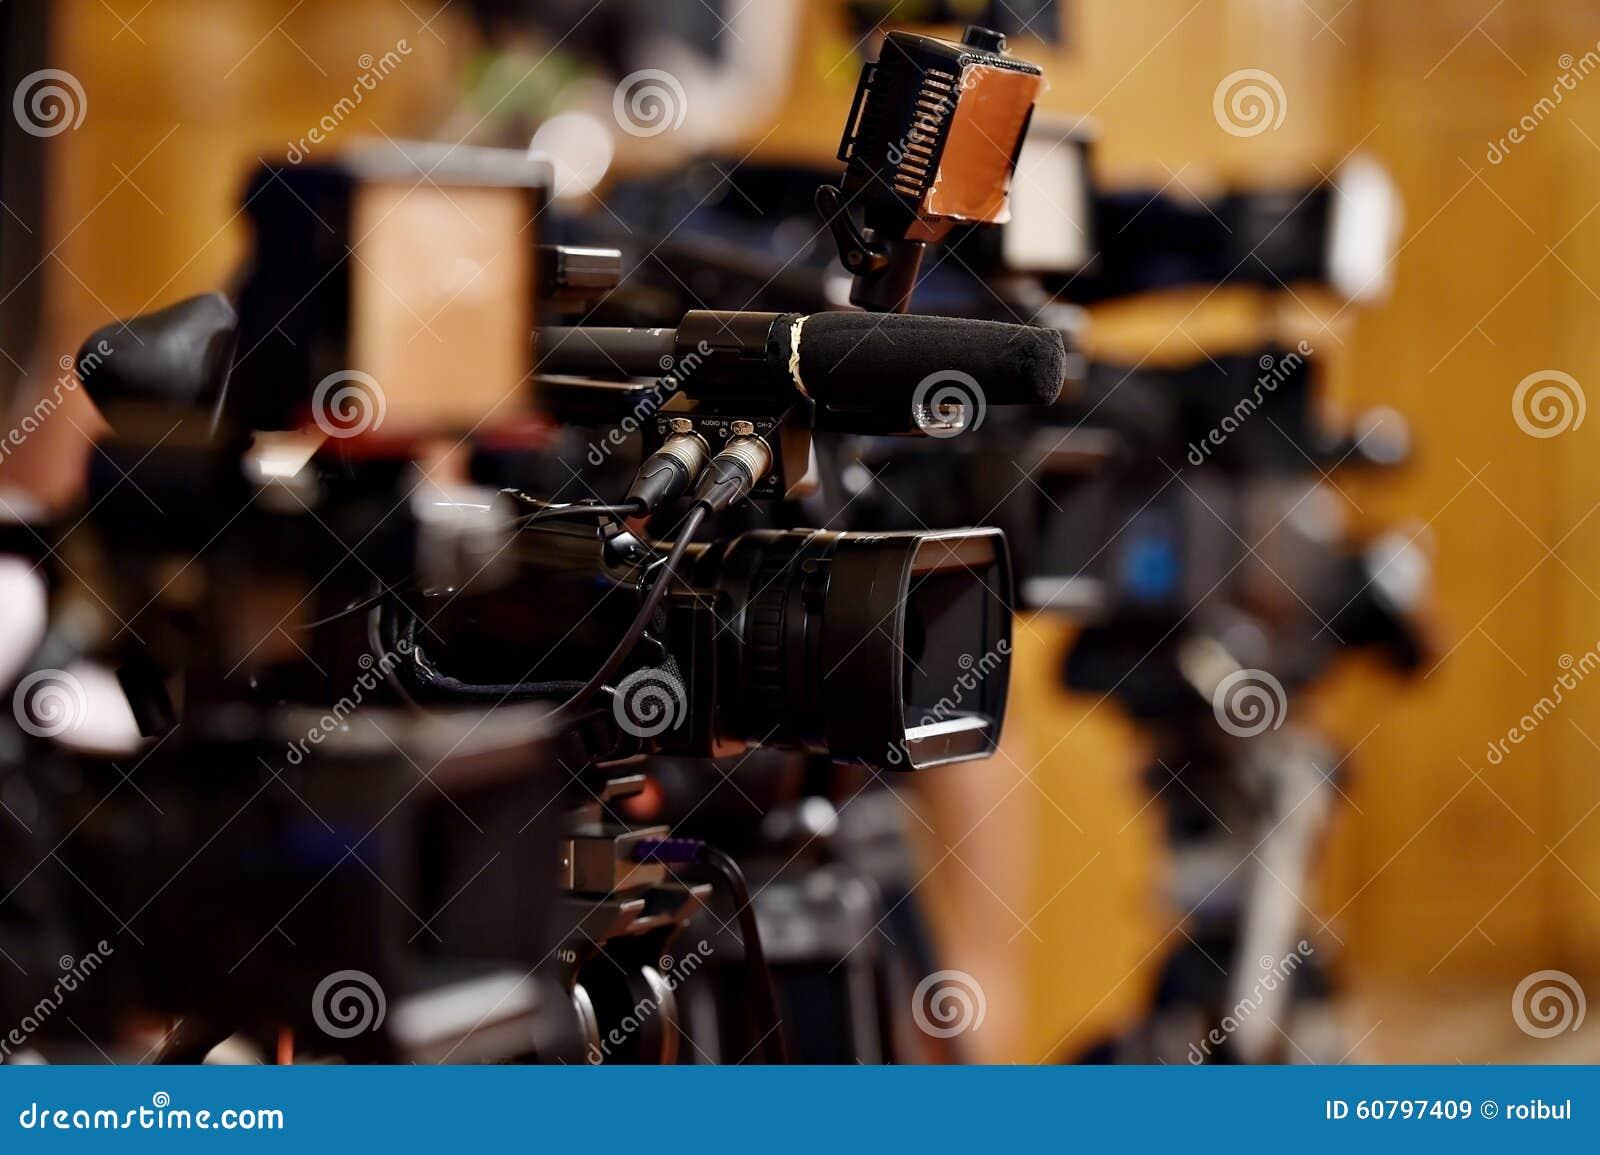 Videocamera s bij persconferentie